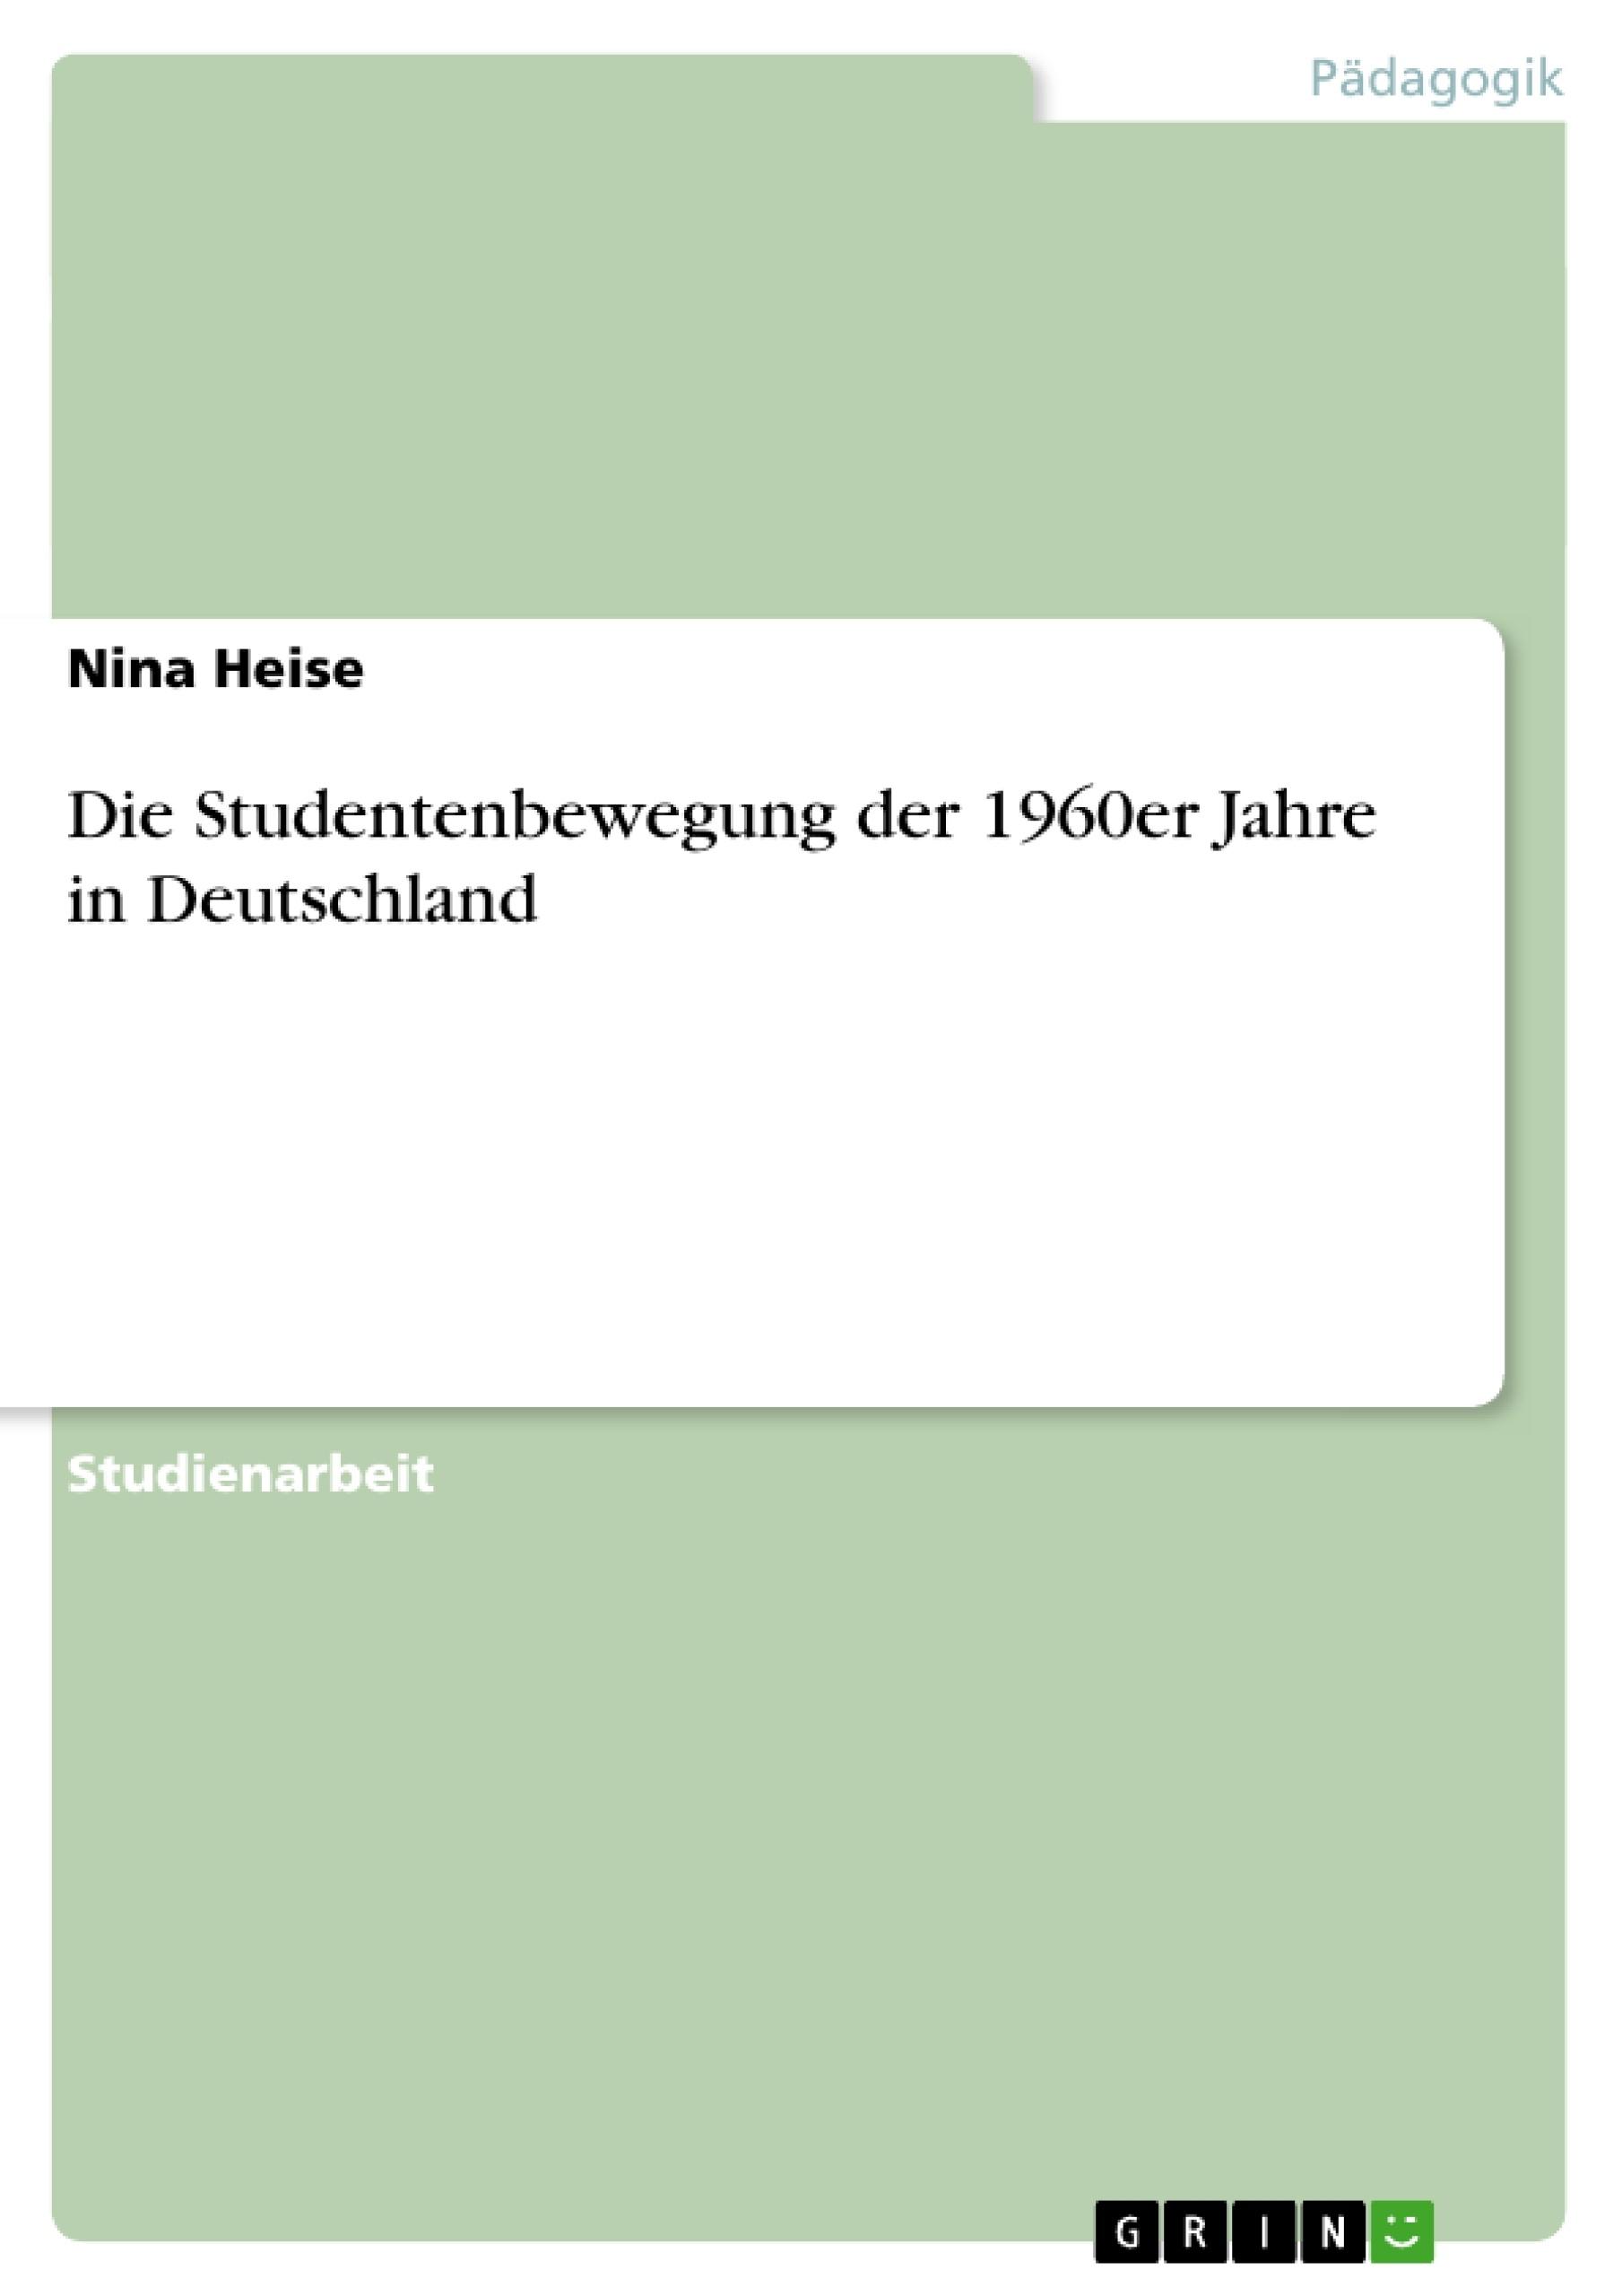 Titel: Die Studentenbewegung der 1960er Jahre in Deutschland